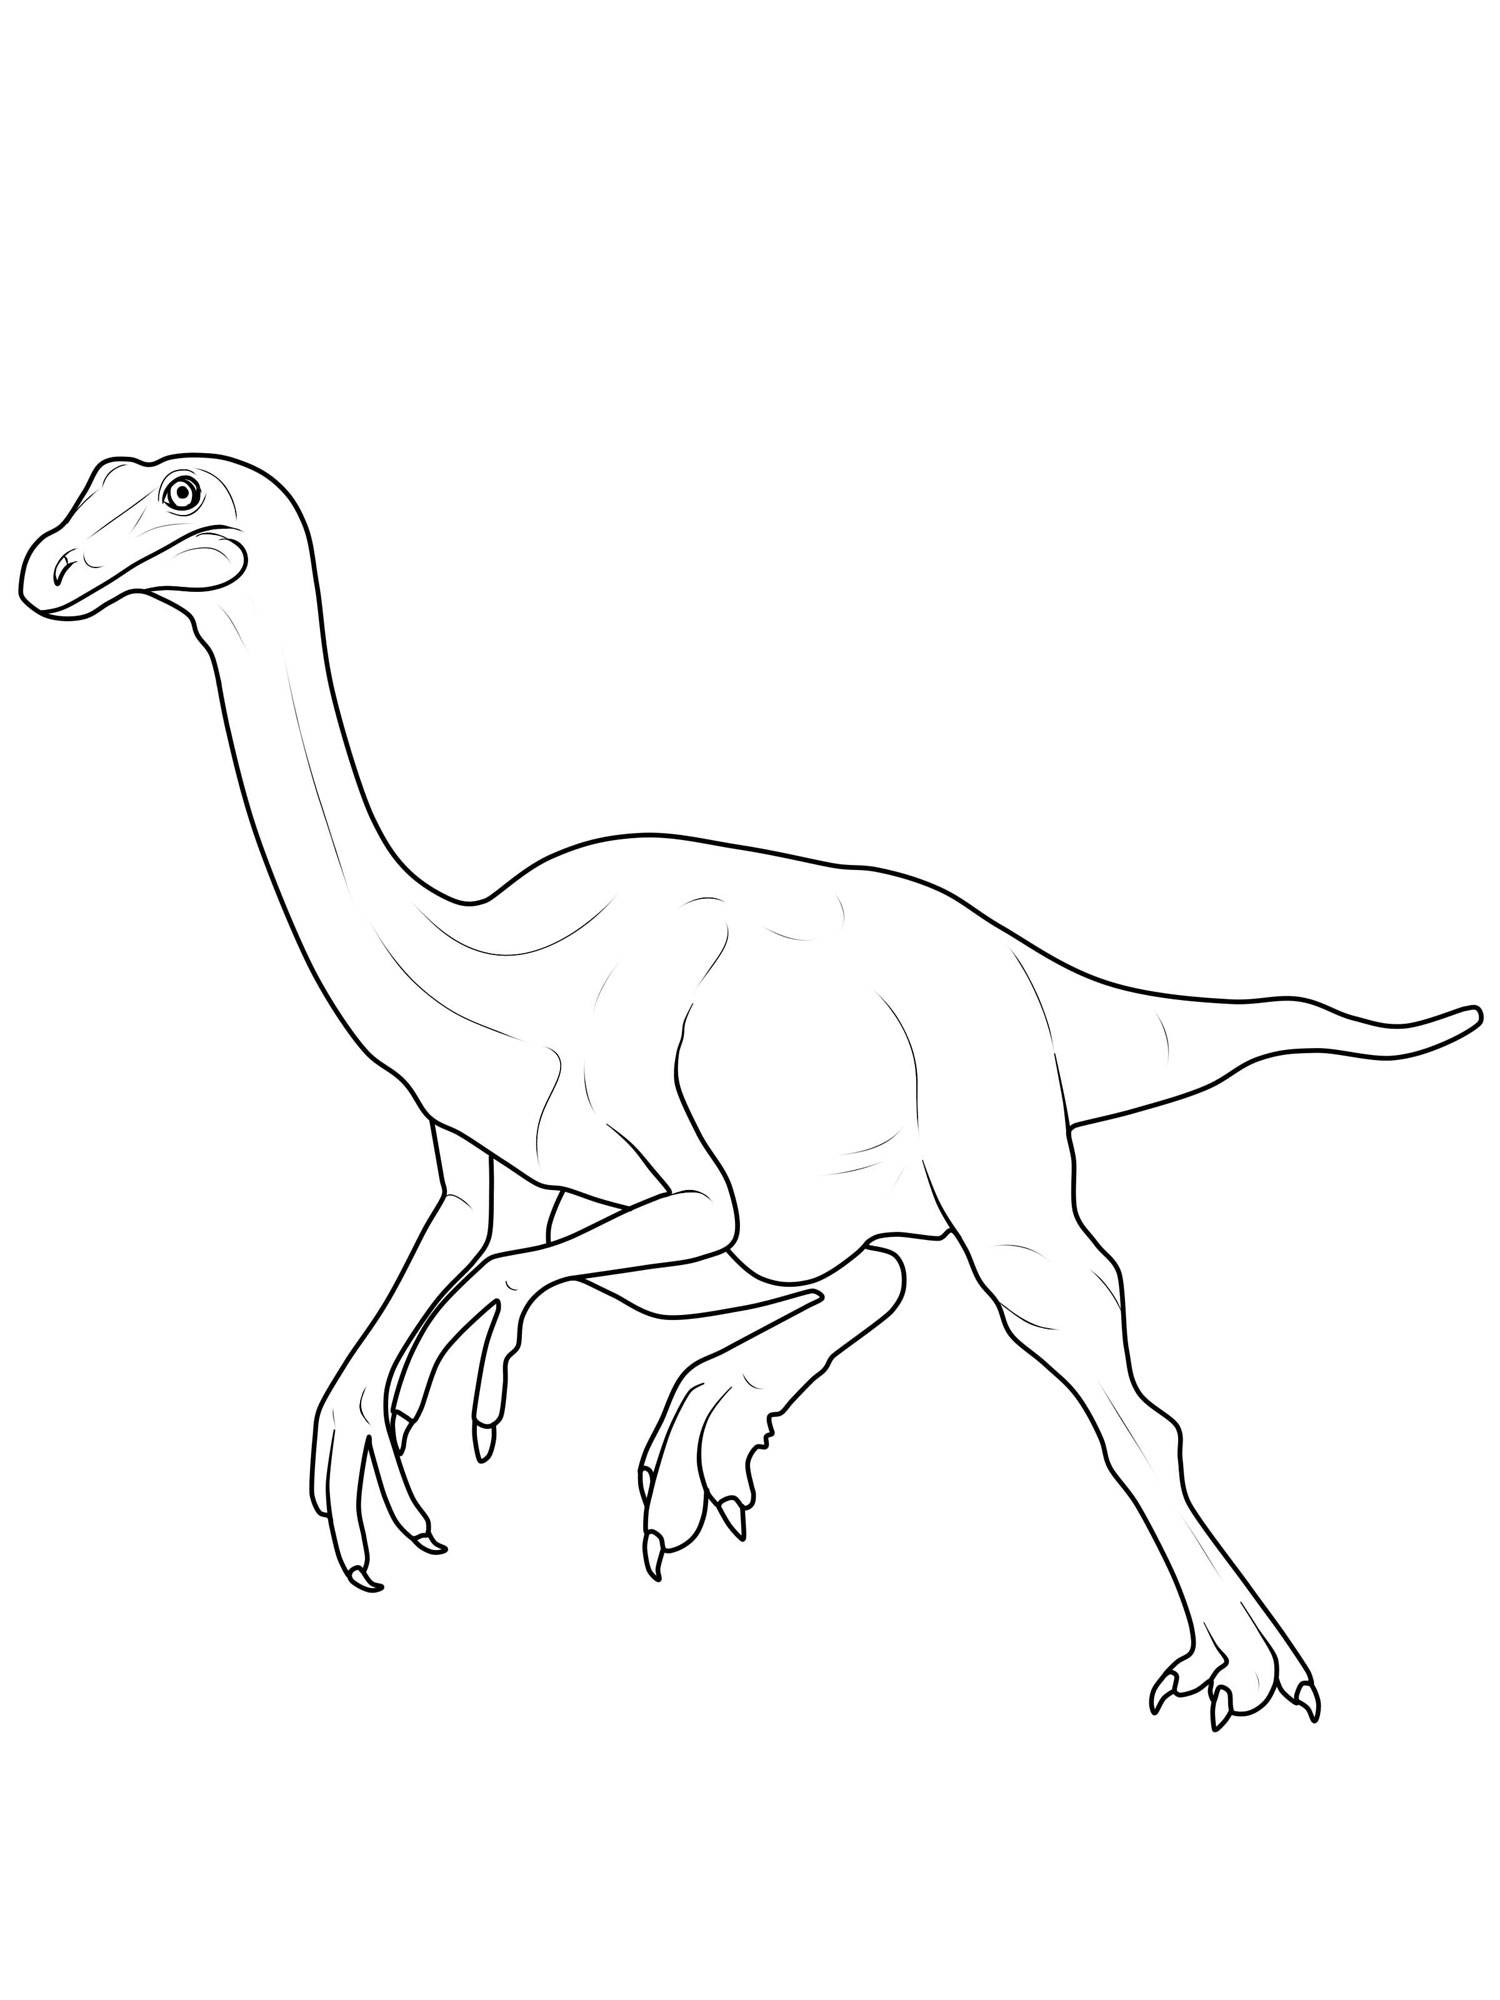 Ausmalbilder Dinosaurier Skelett : Ber Hmt Dinosaurier Skelett Malvorlagen Bilder Framing Malvorlagen